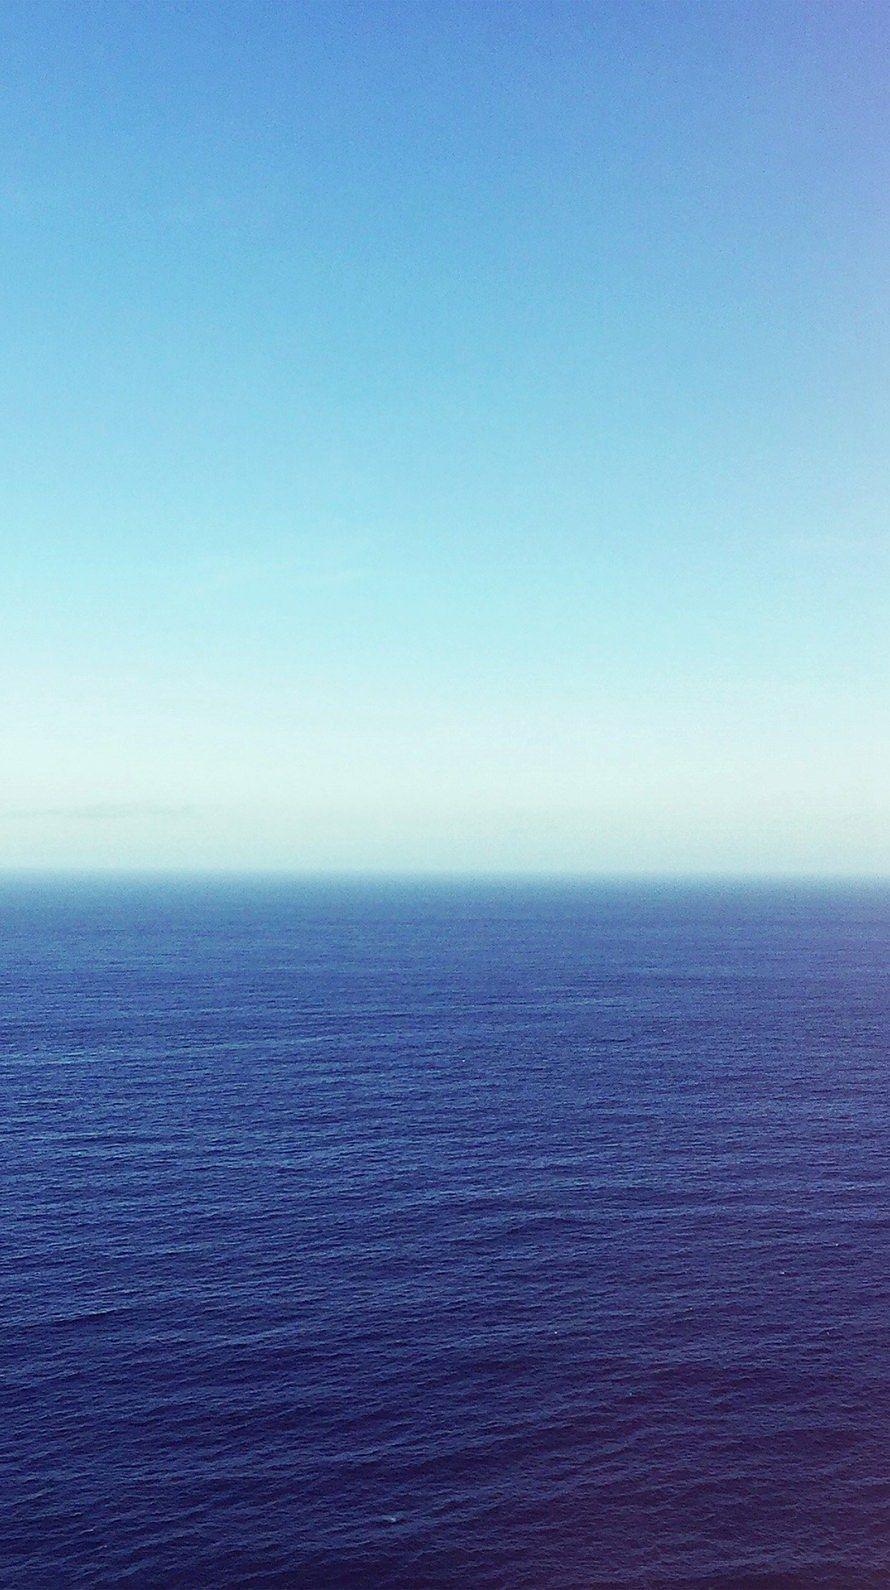 静かな海 凪 Iphone6 壁紙 海 壁紙